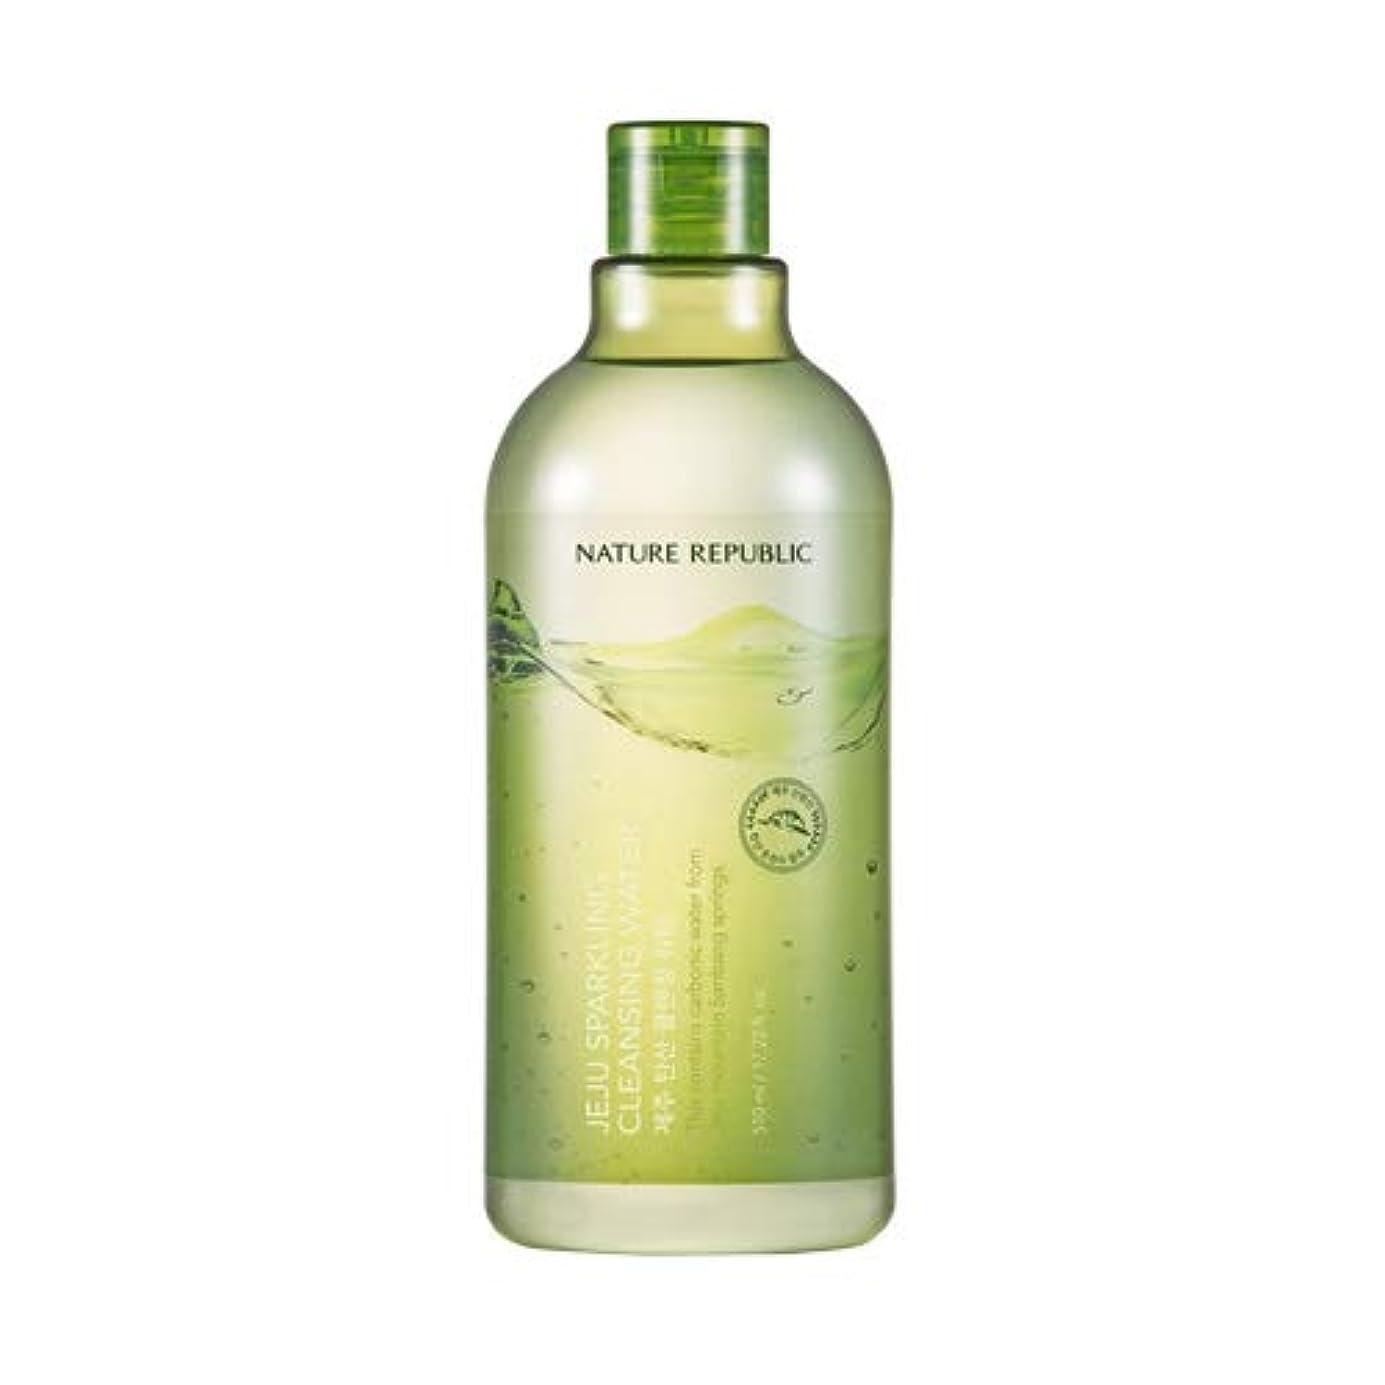 ダース錫ライドNature republic Jeju Sparkling(Carbonic) Cleansing Water ネイチャーリパブリック済州炭酸クレンジングウォーター 510ml [並行輸入品]